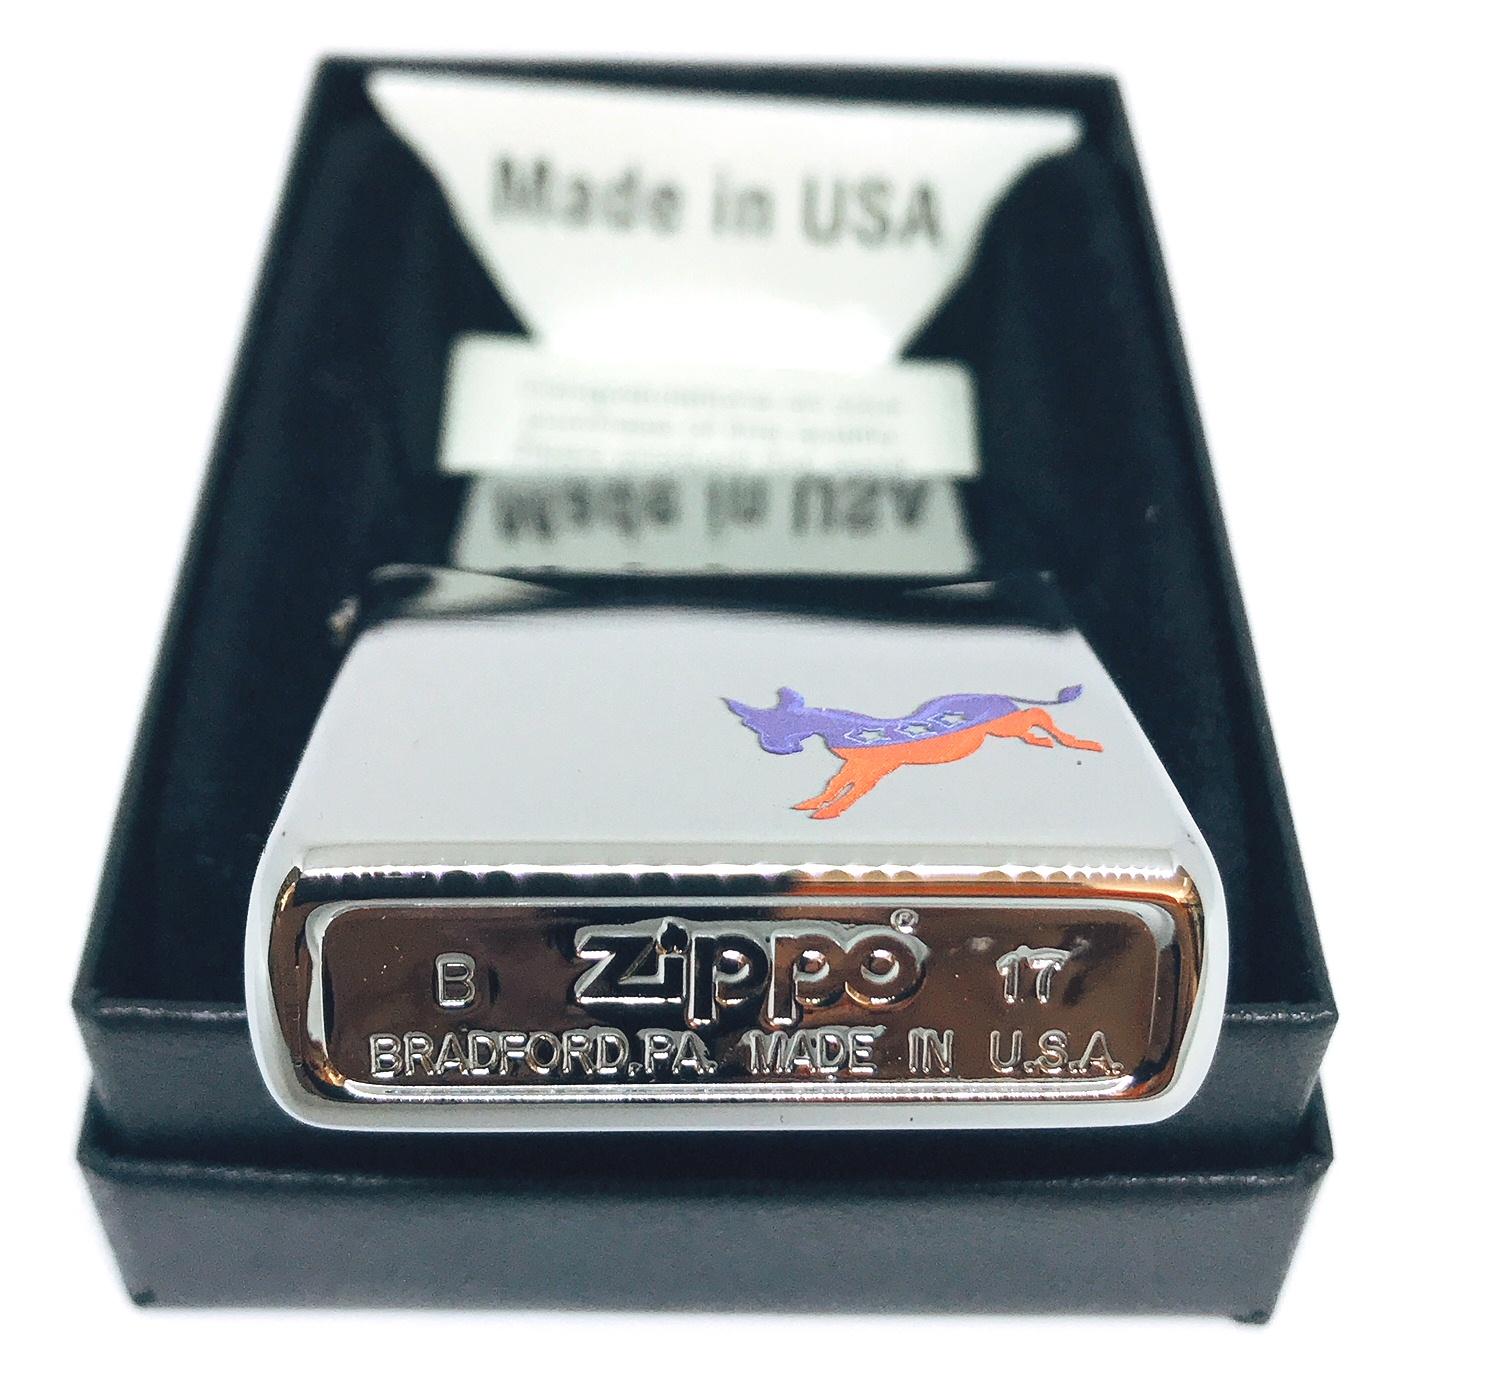 Hop quet zippo catalog Z622 2